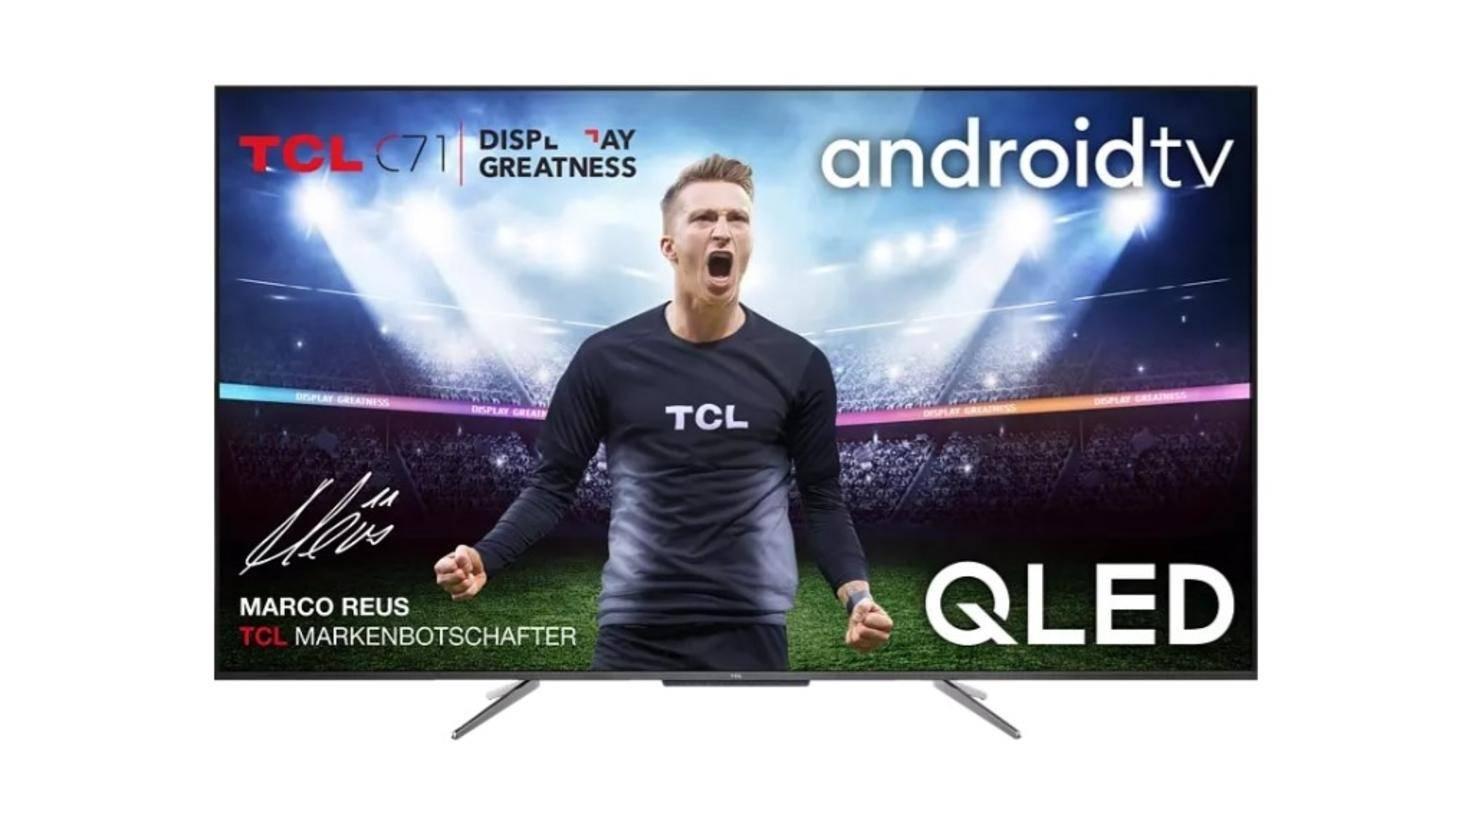 TCL-TV